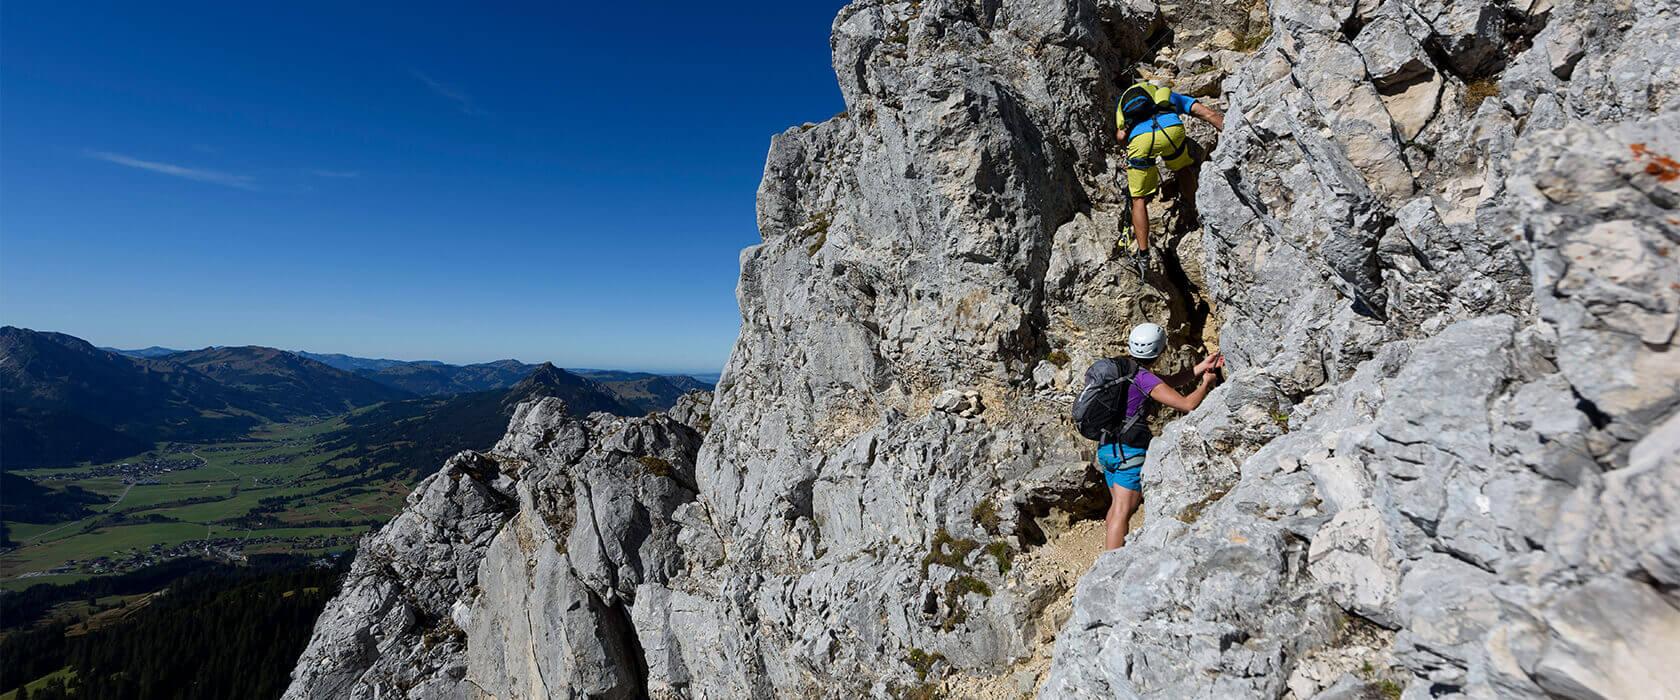 Kletter- & Bergsteigurlaub im Tannheimer Tal in Tirol